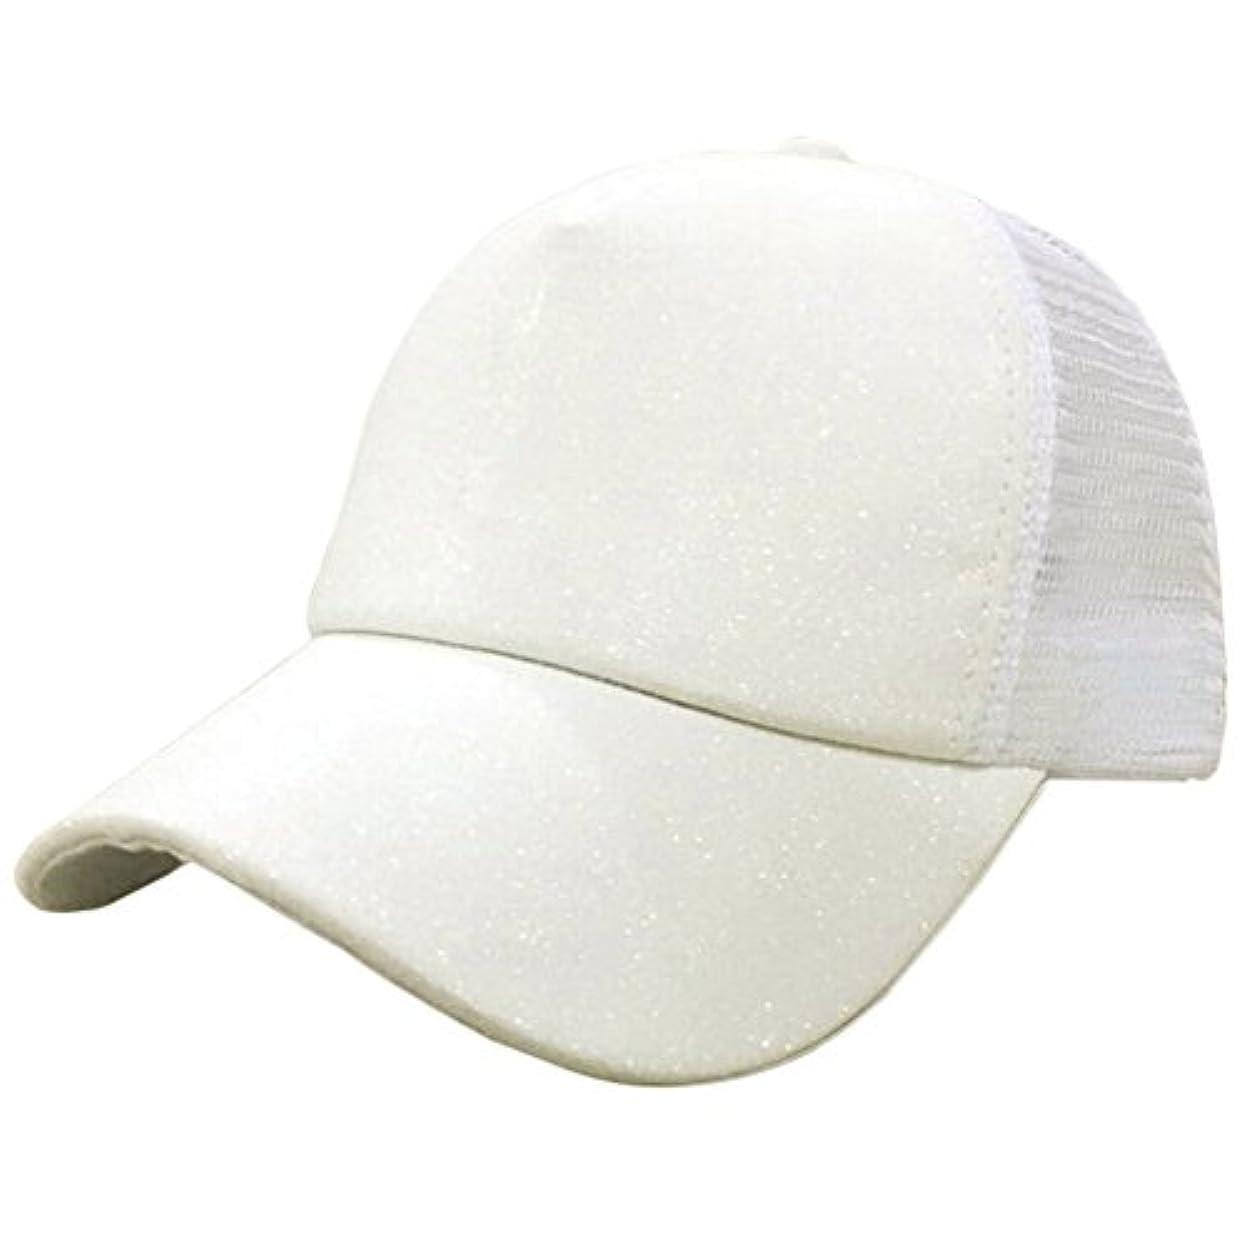 機械的どのくらいの頻度で蓮Racazing Cap スパンコール 無地 メッシュ 野球帽 通気性のある ヒップホップ 帽子 夏 登山 可調整可能 棒球帽 男女兼用 UV 帽子 軽量 屋外 Unisex Cap (白)